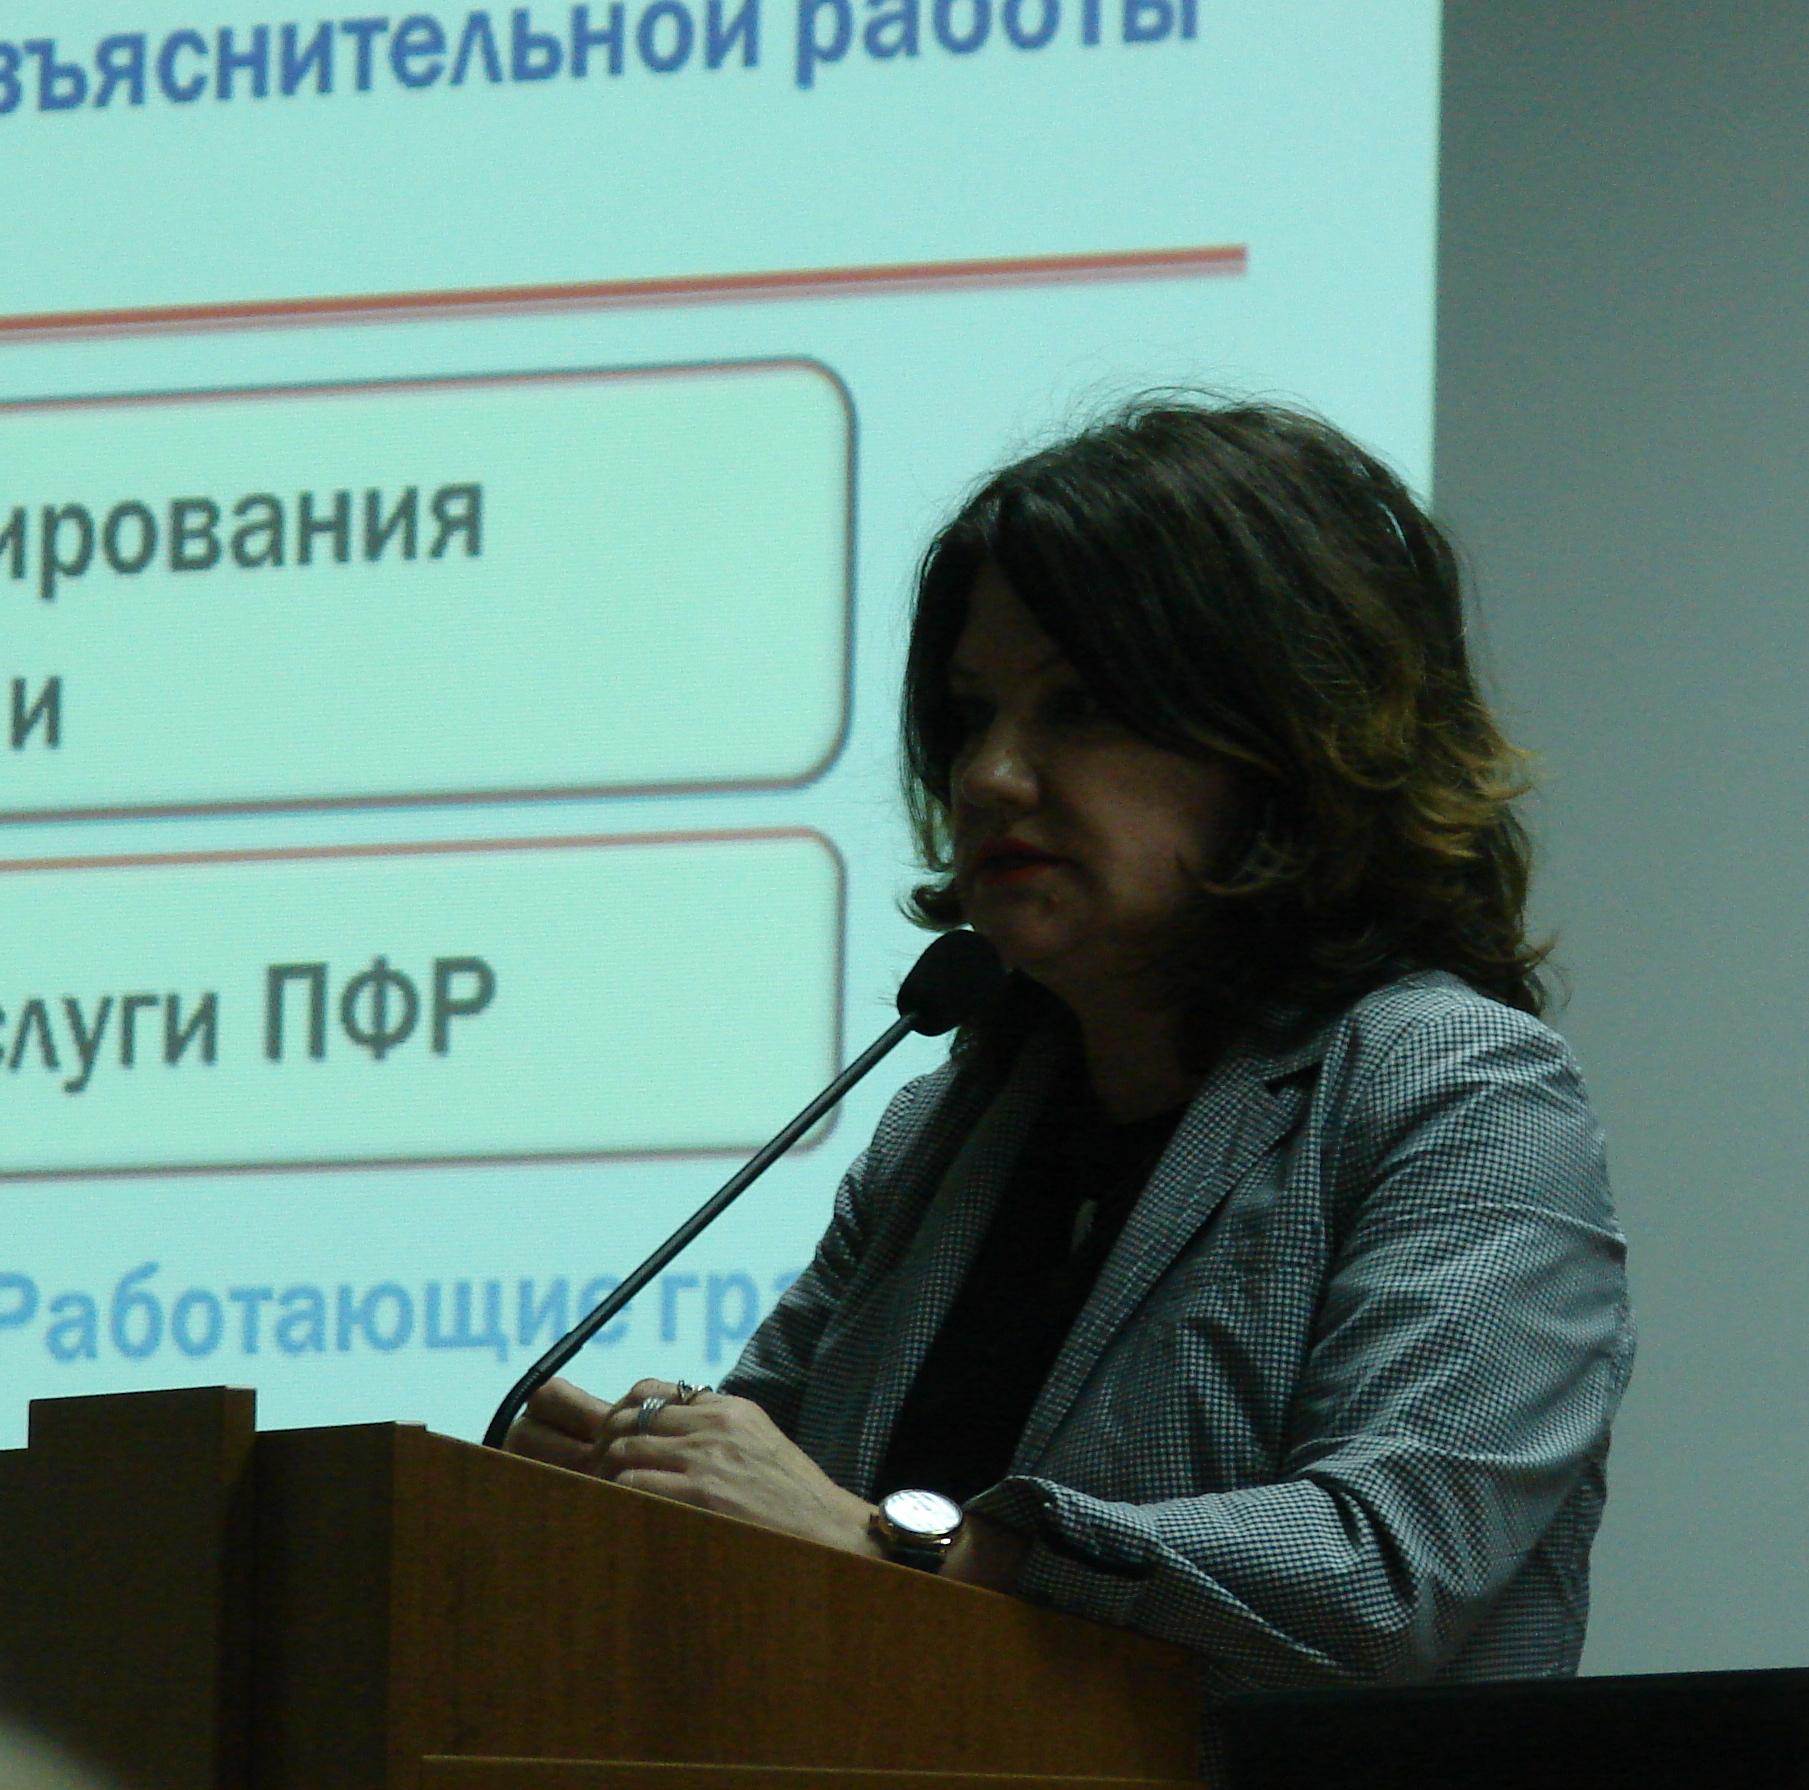 Новости иностранные сми о ситуации на украине